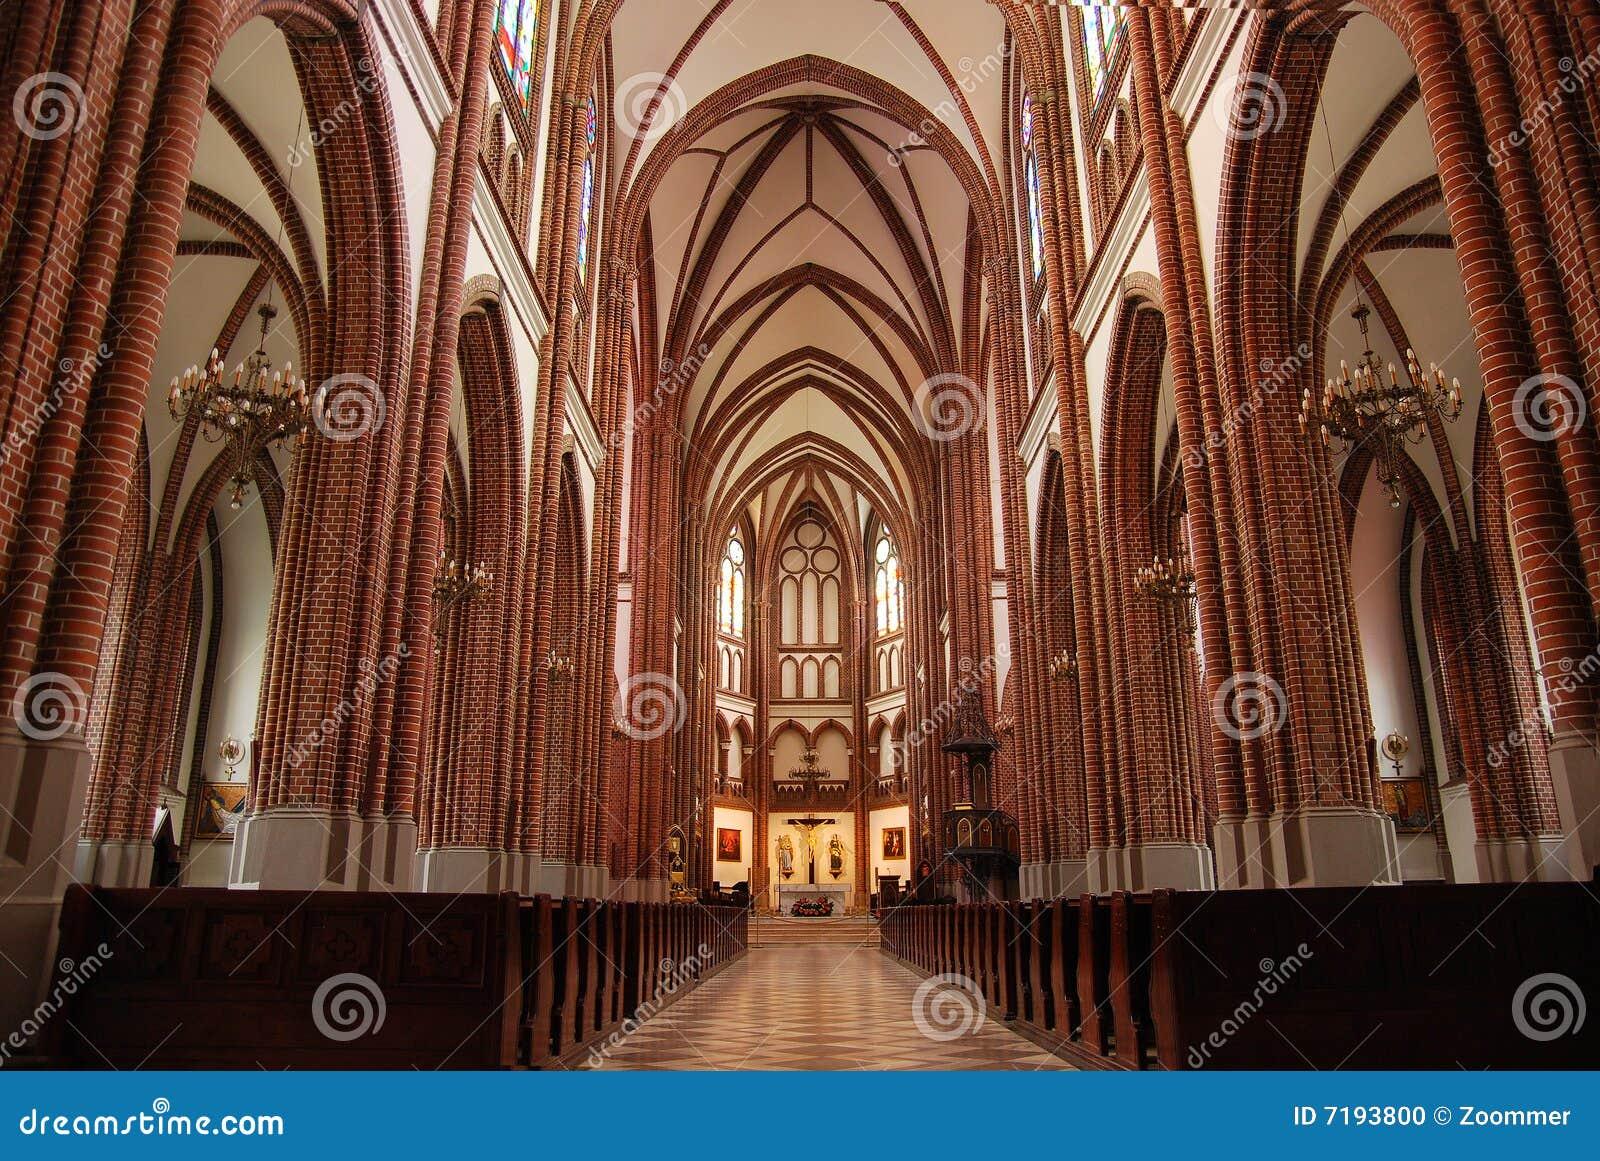 καθολική εκκλησία μέσα